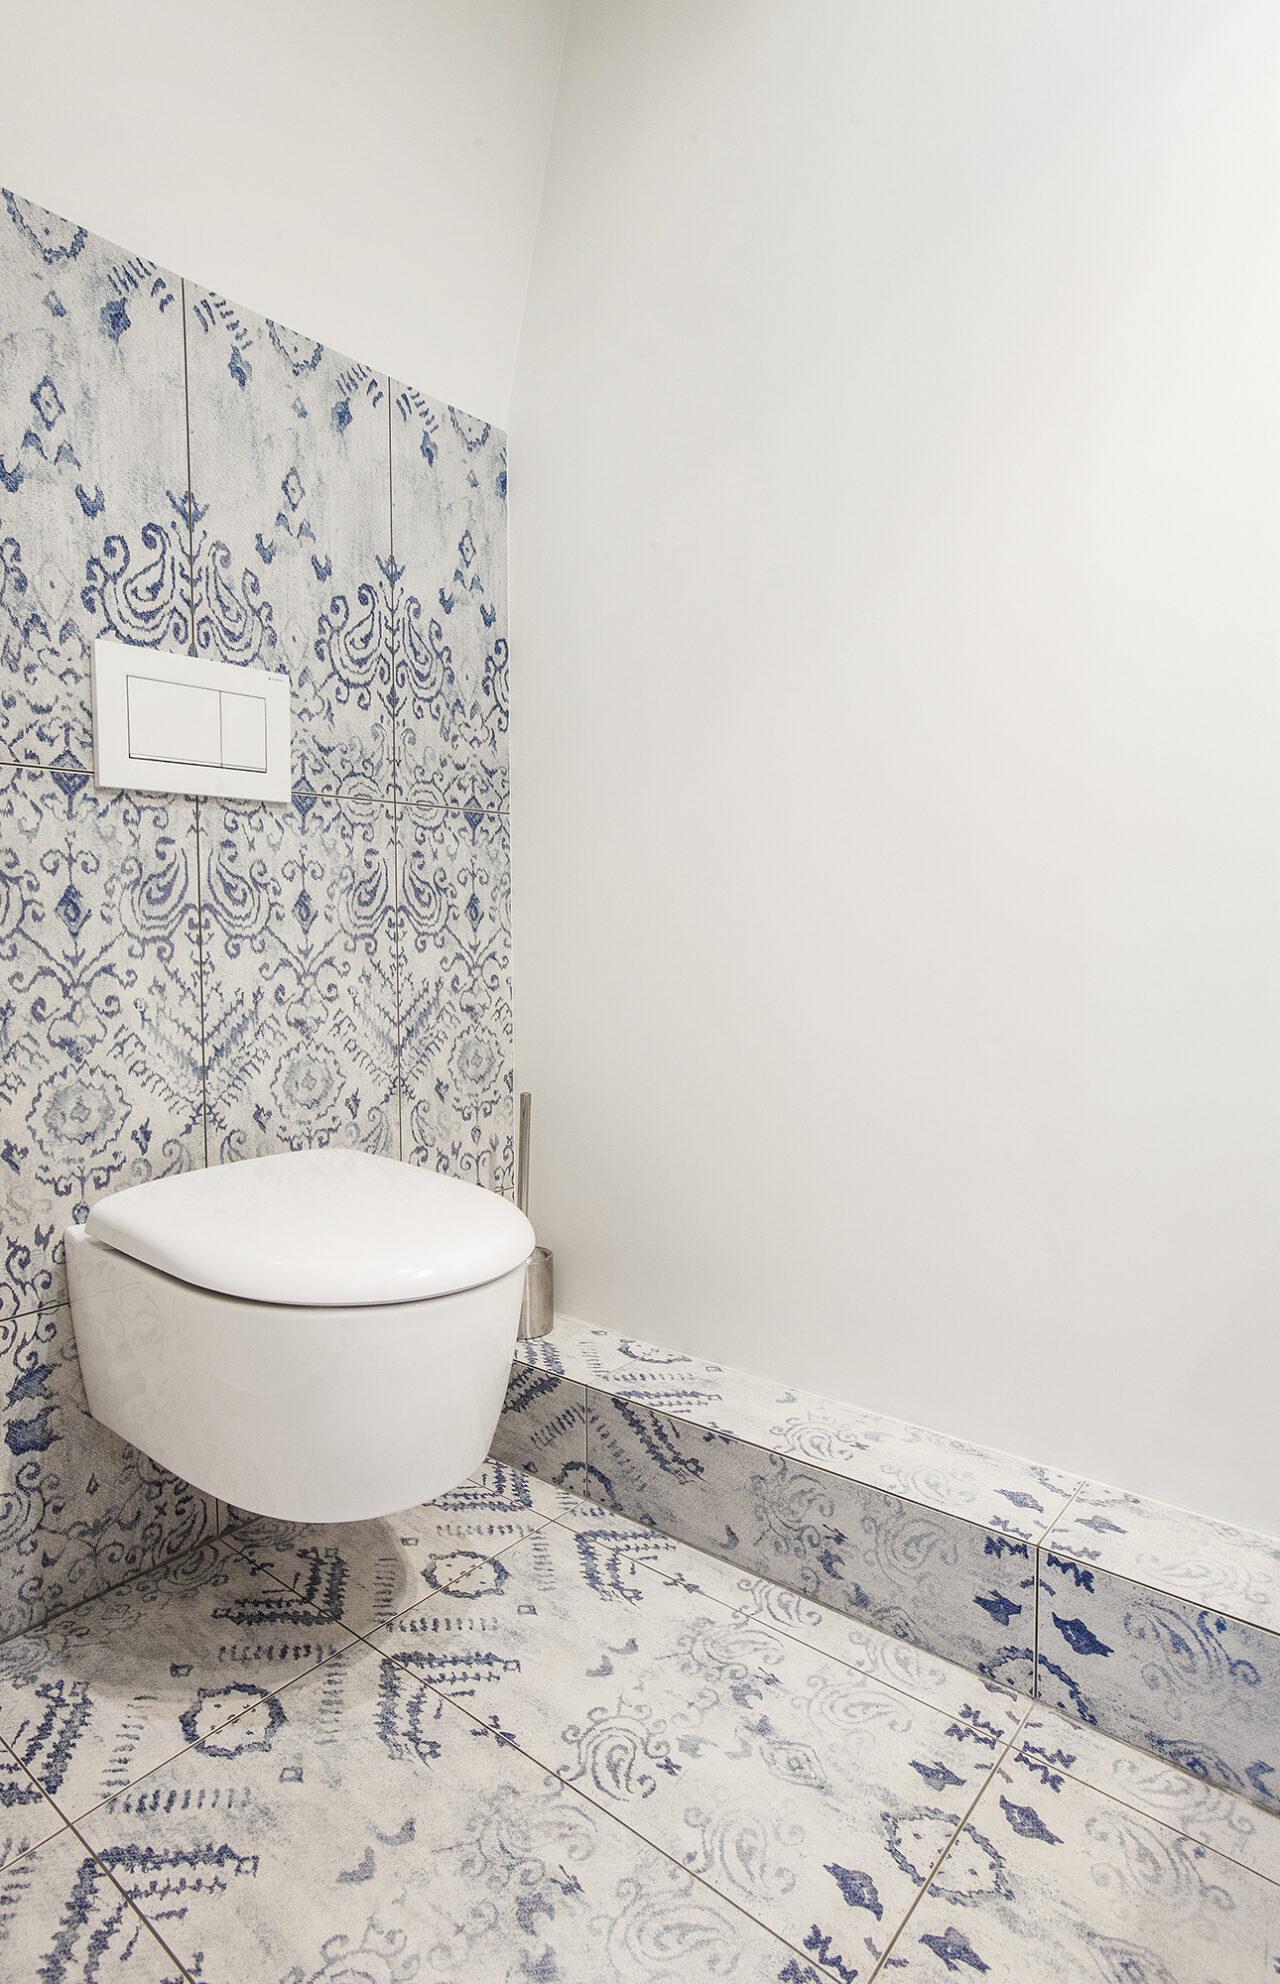 Carrelage décoratif blanc et bleu